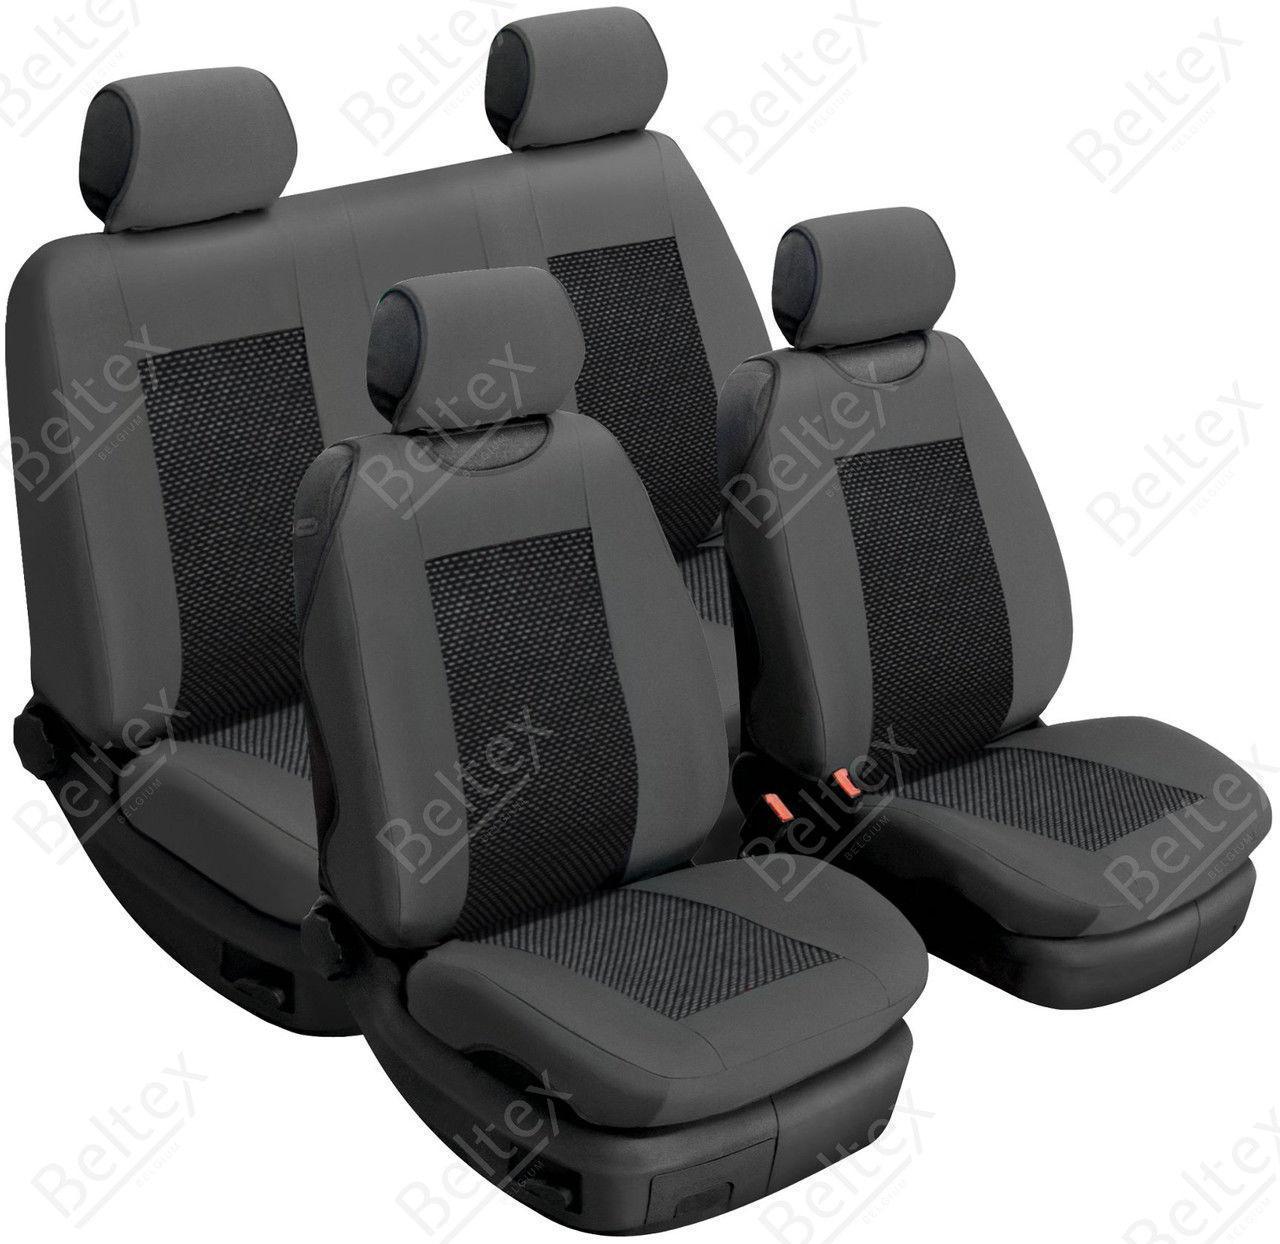 Майки/чехлы на сиденья БМВ Е63 645 (BMW E63 645)